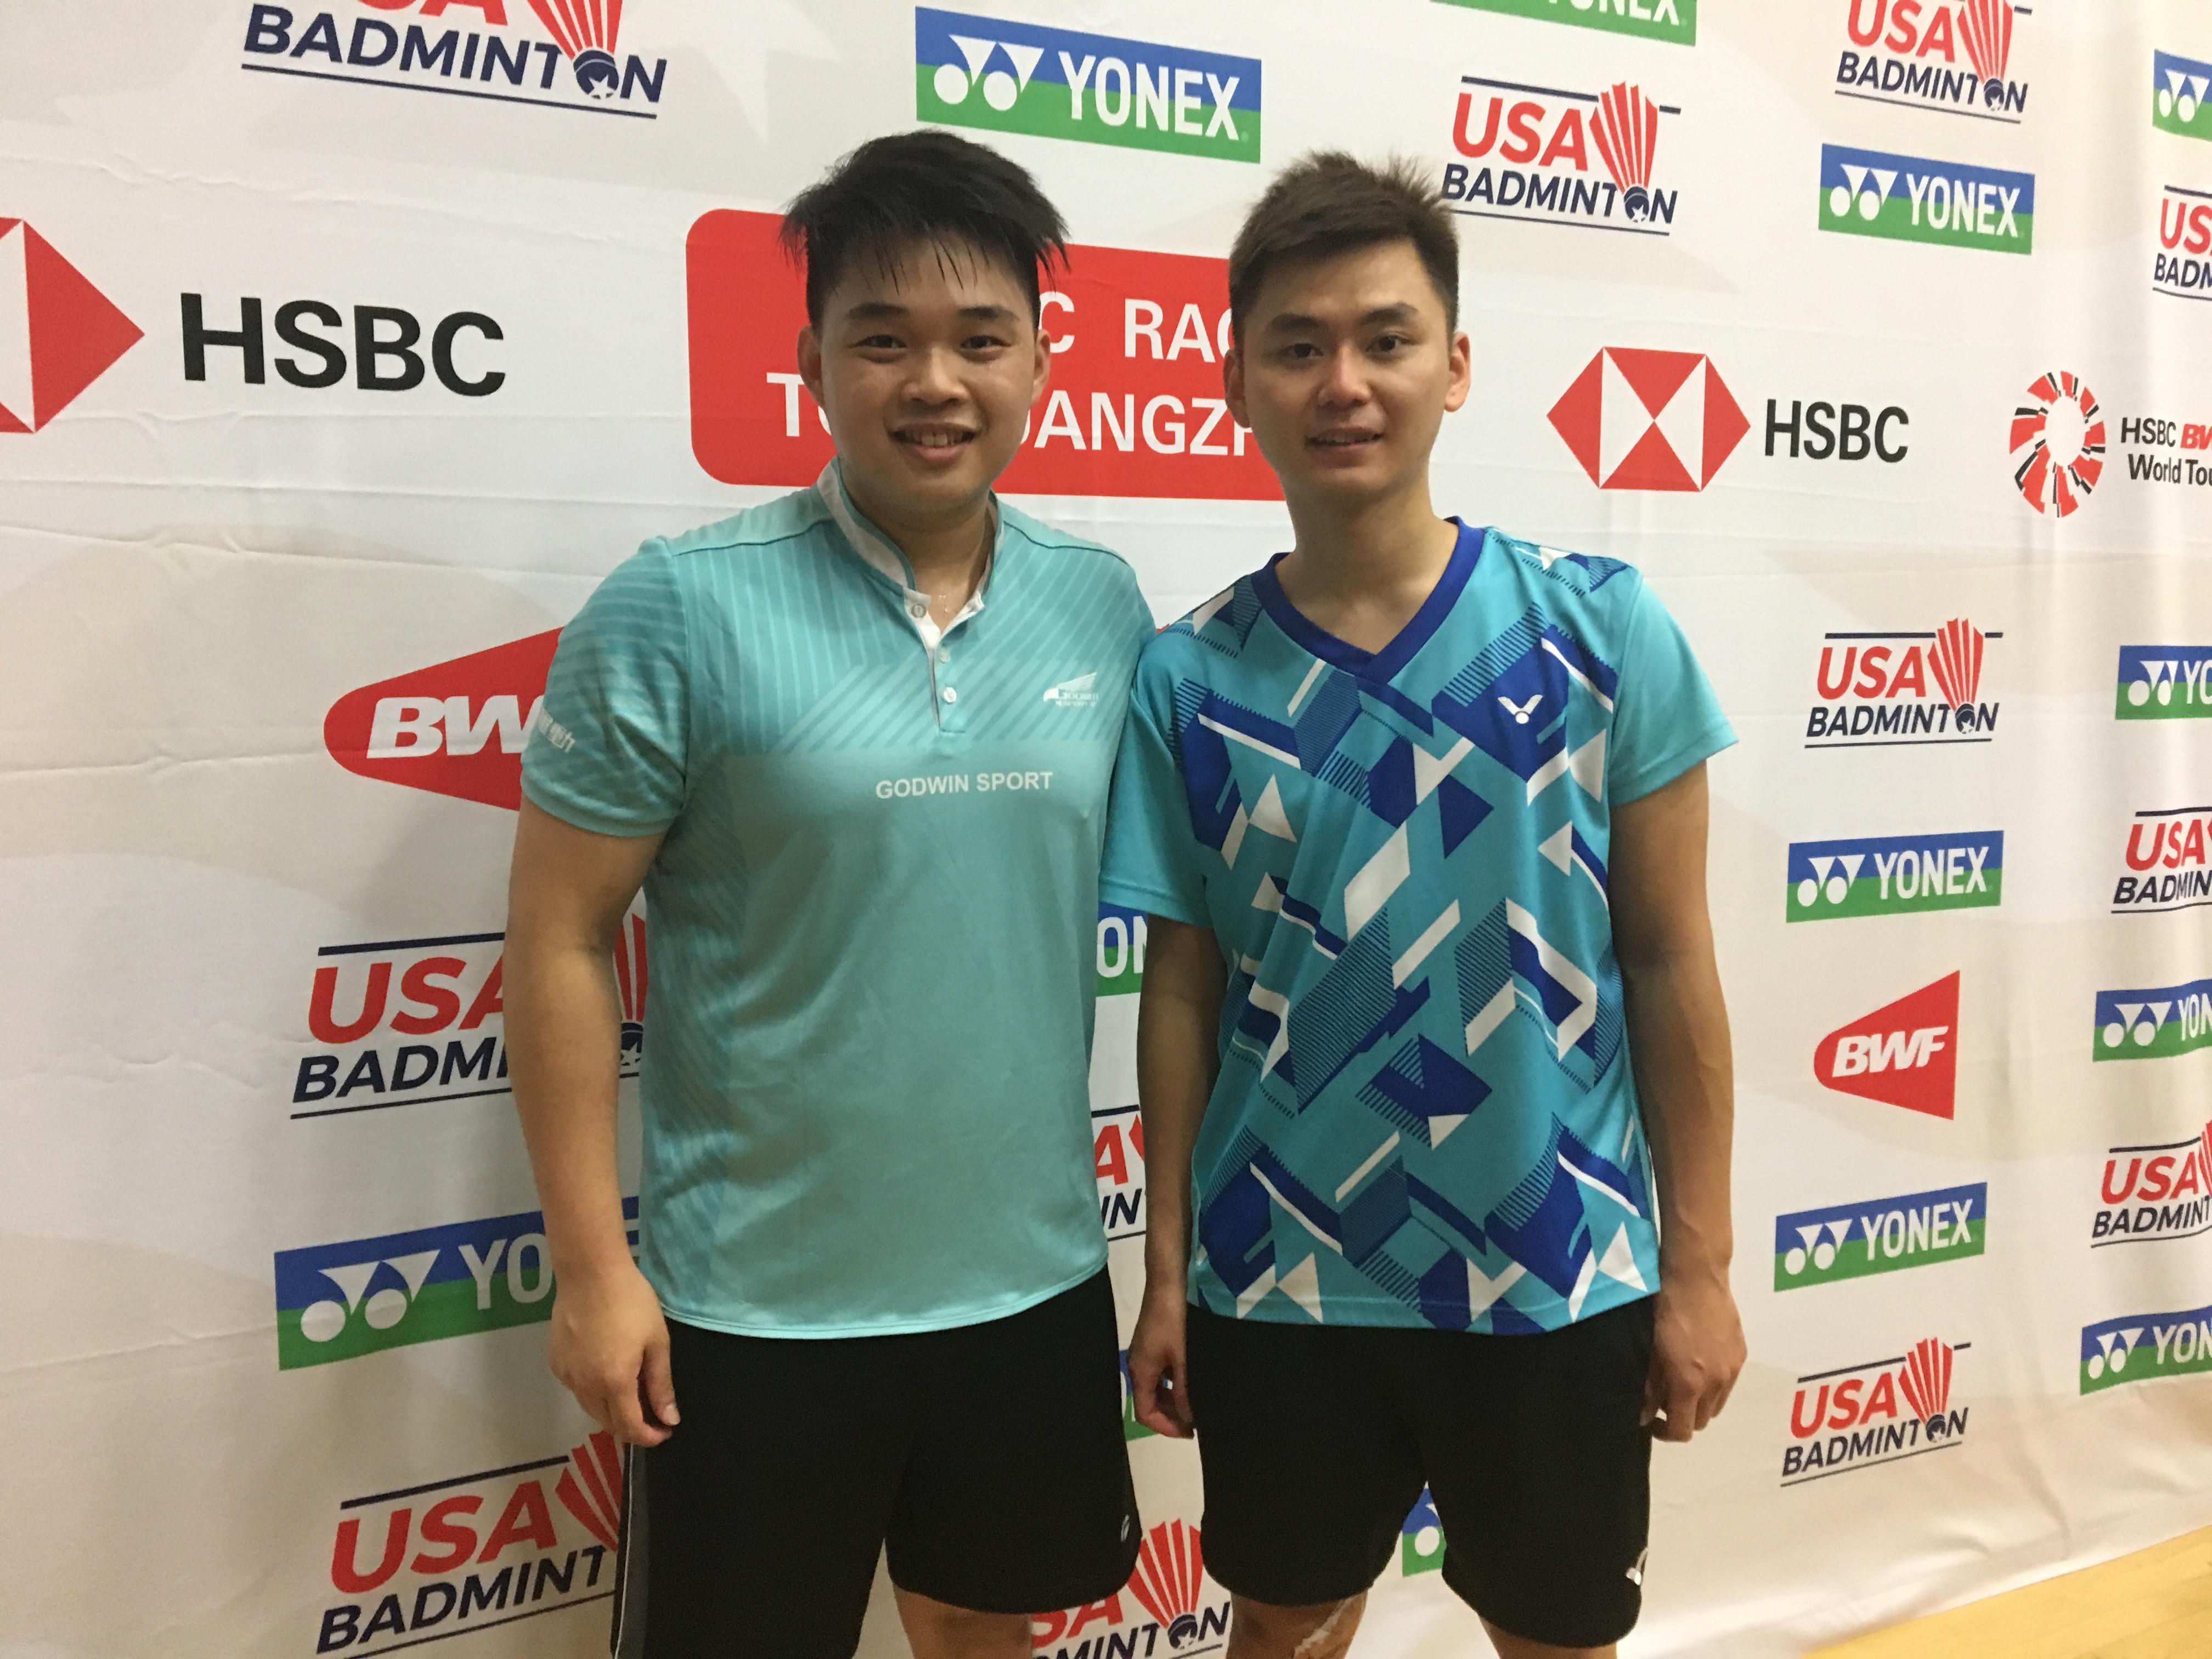 在男子雙打比賽中,台灣選手廖啟宏(左)、甘超宇(右)首場比賽戰勝美國選手。(記者啟鉻/攝影)